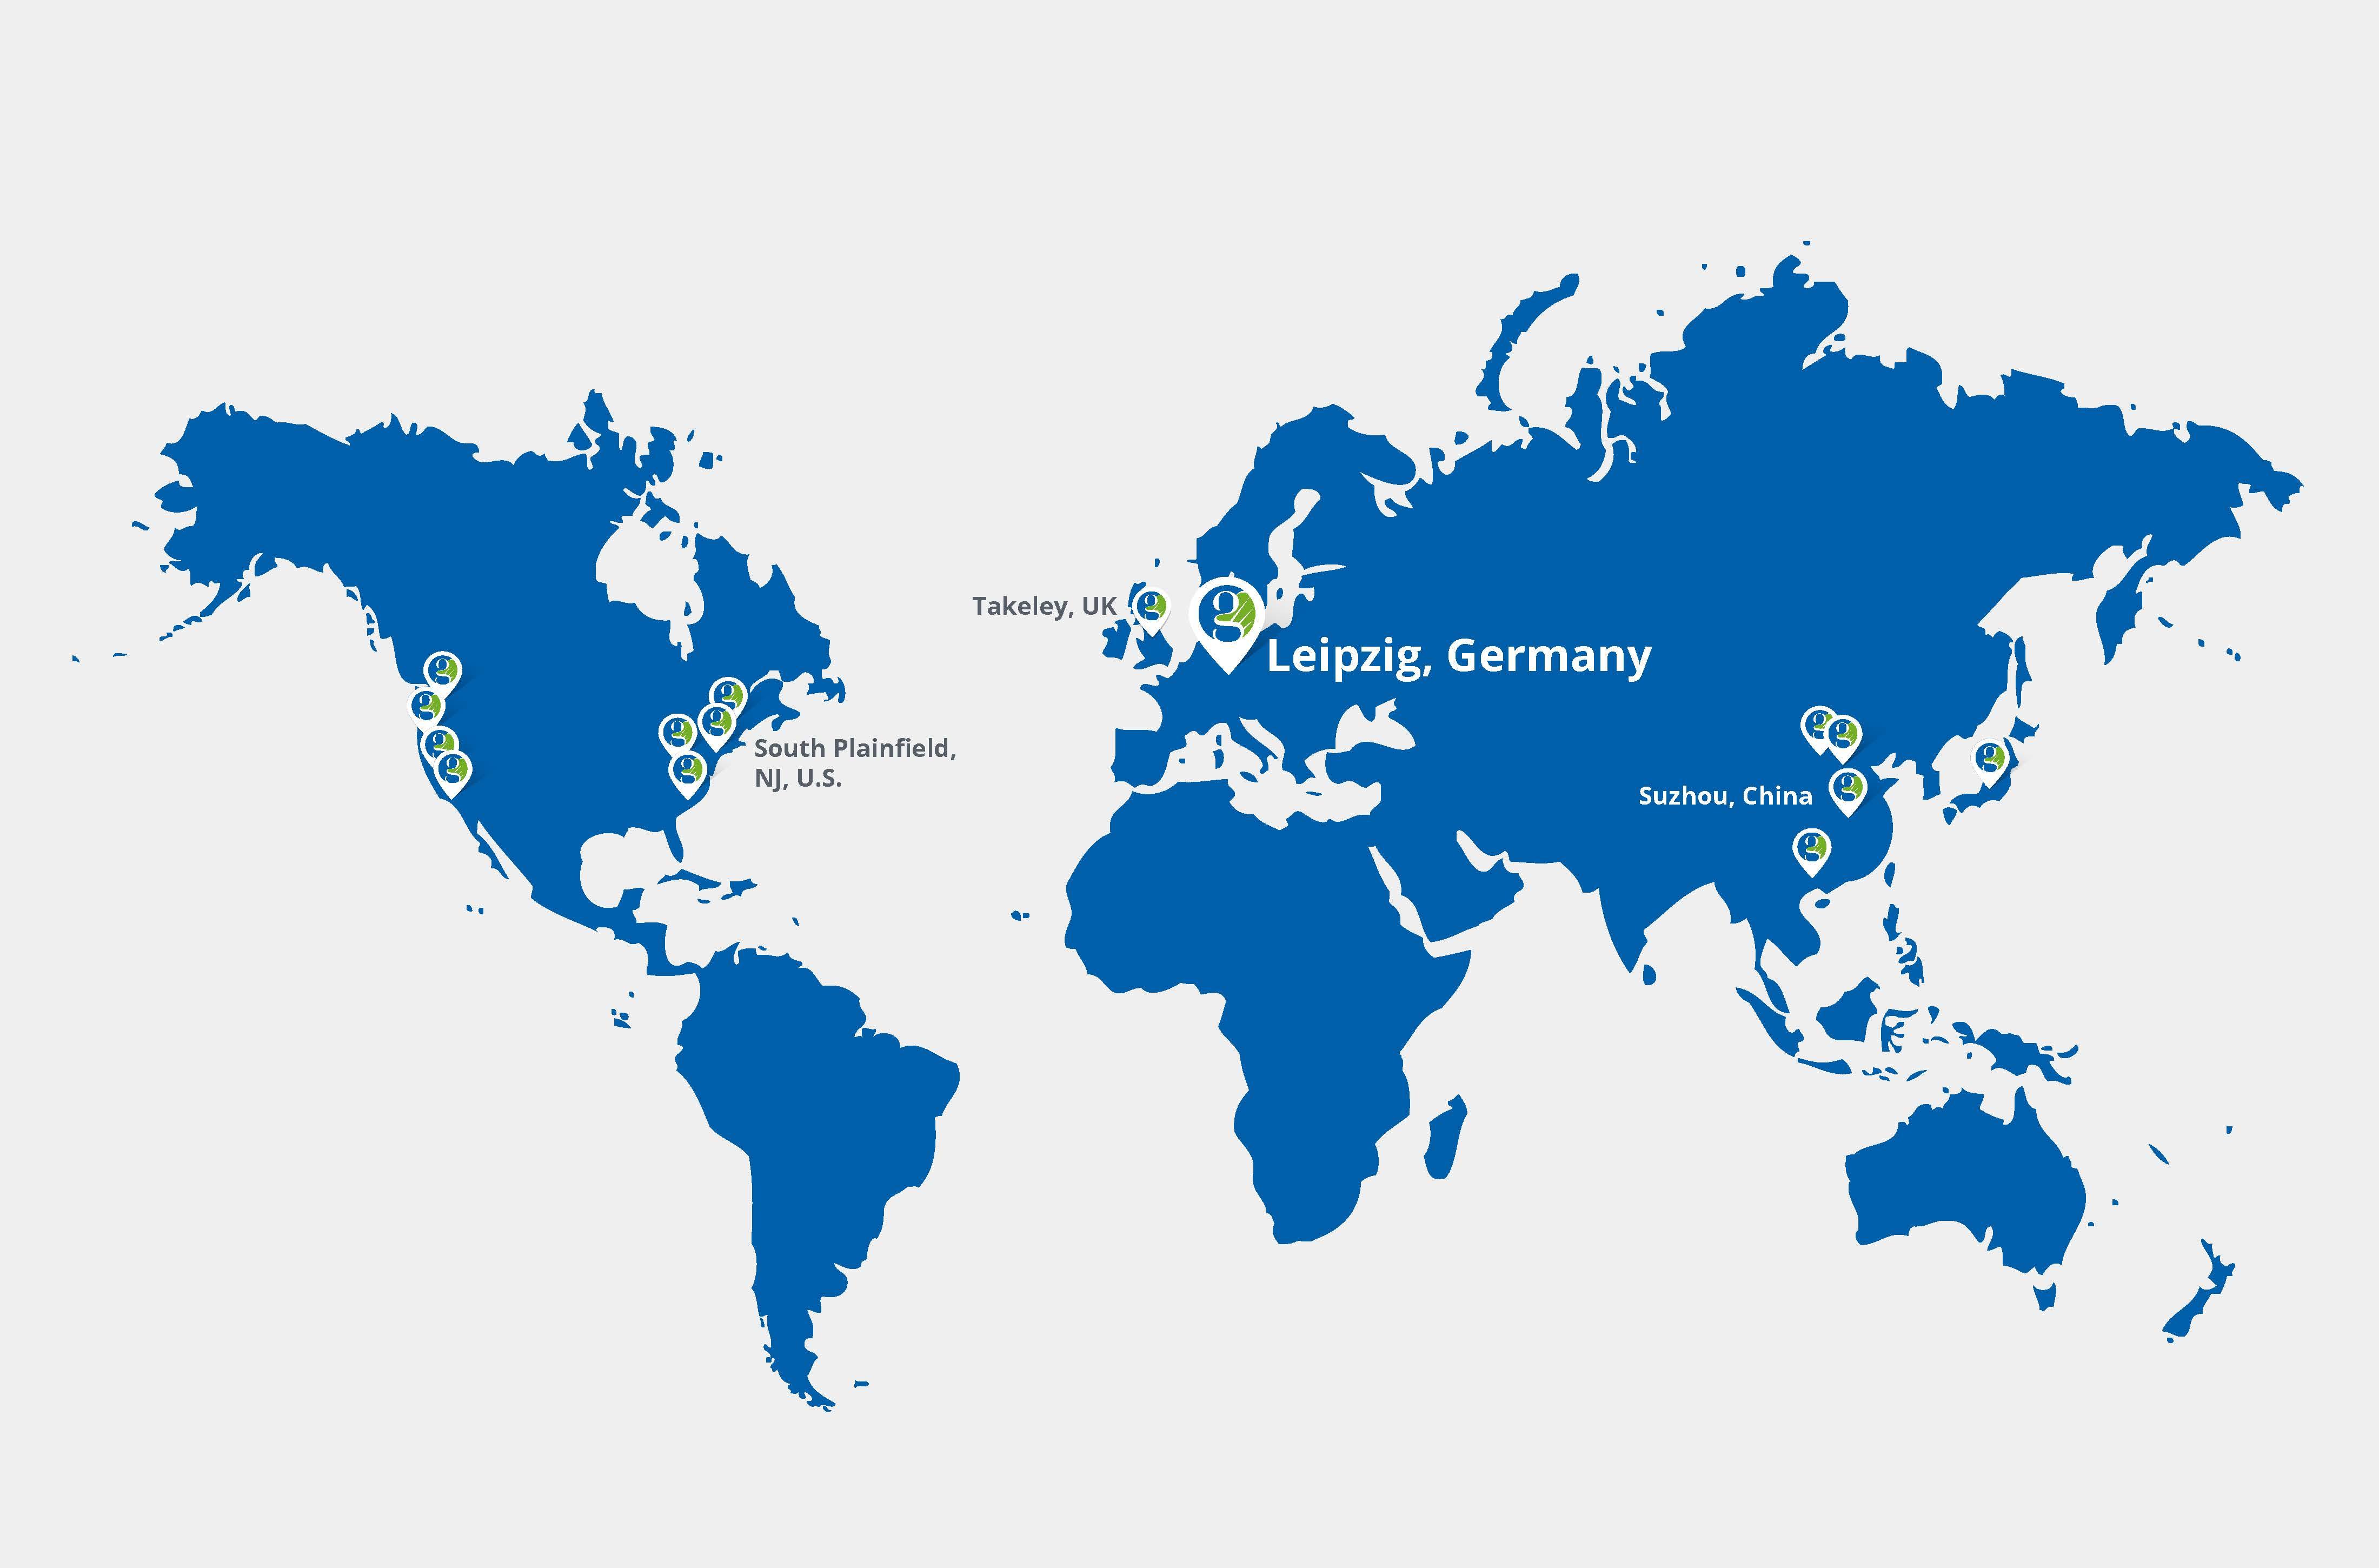 About Us - Company - GENEWIZ